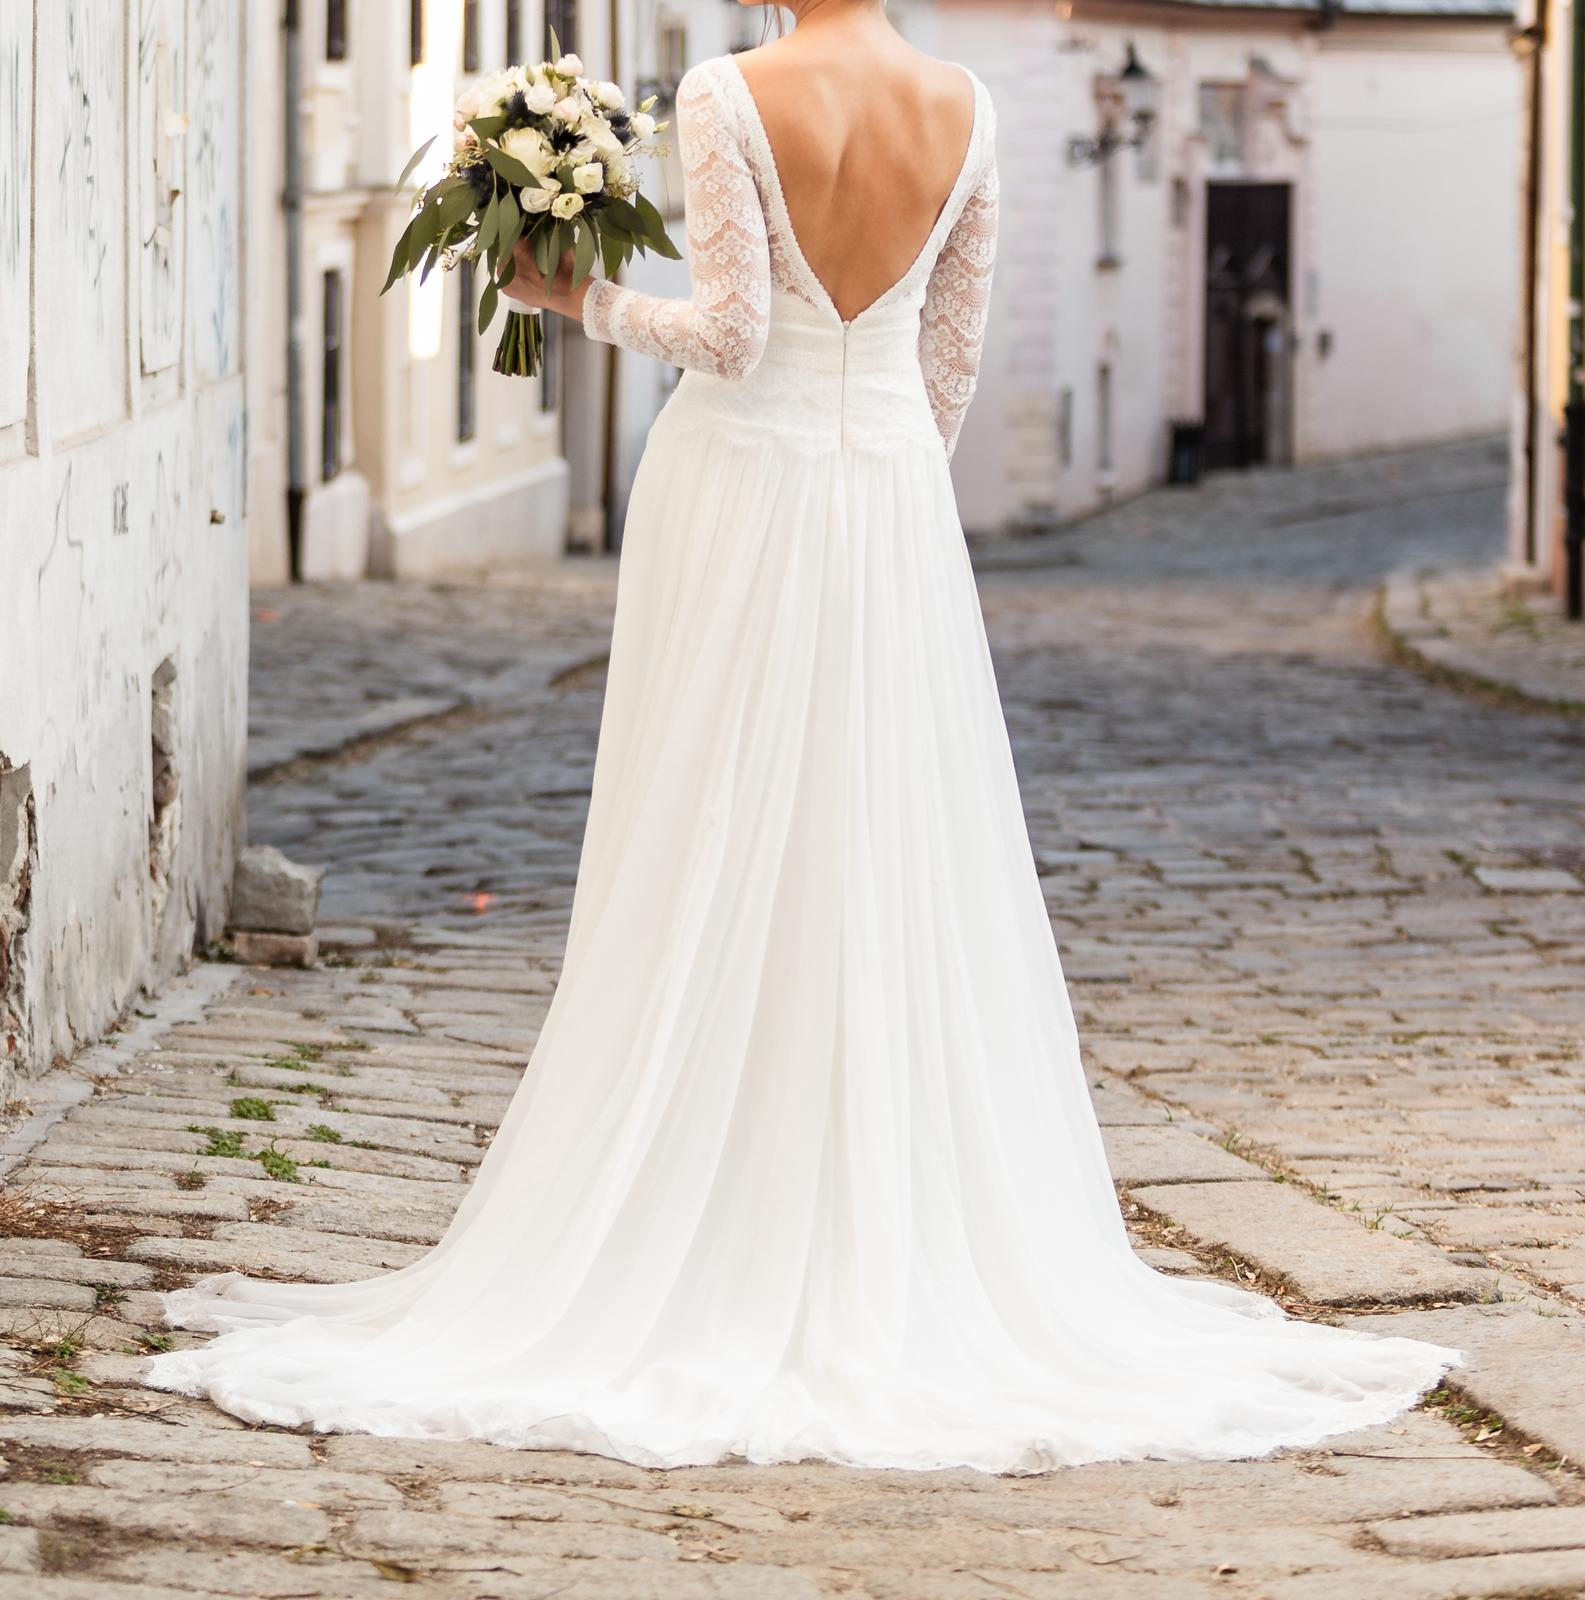 Moje svadobné šaty - Obrázok č. 3